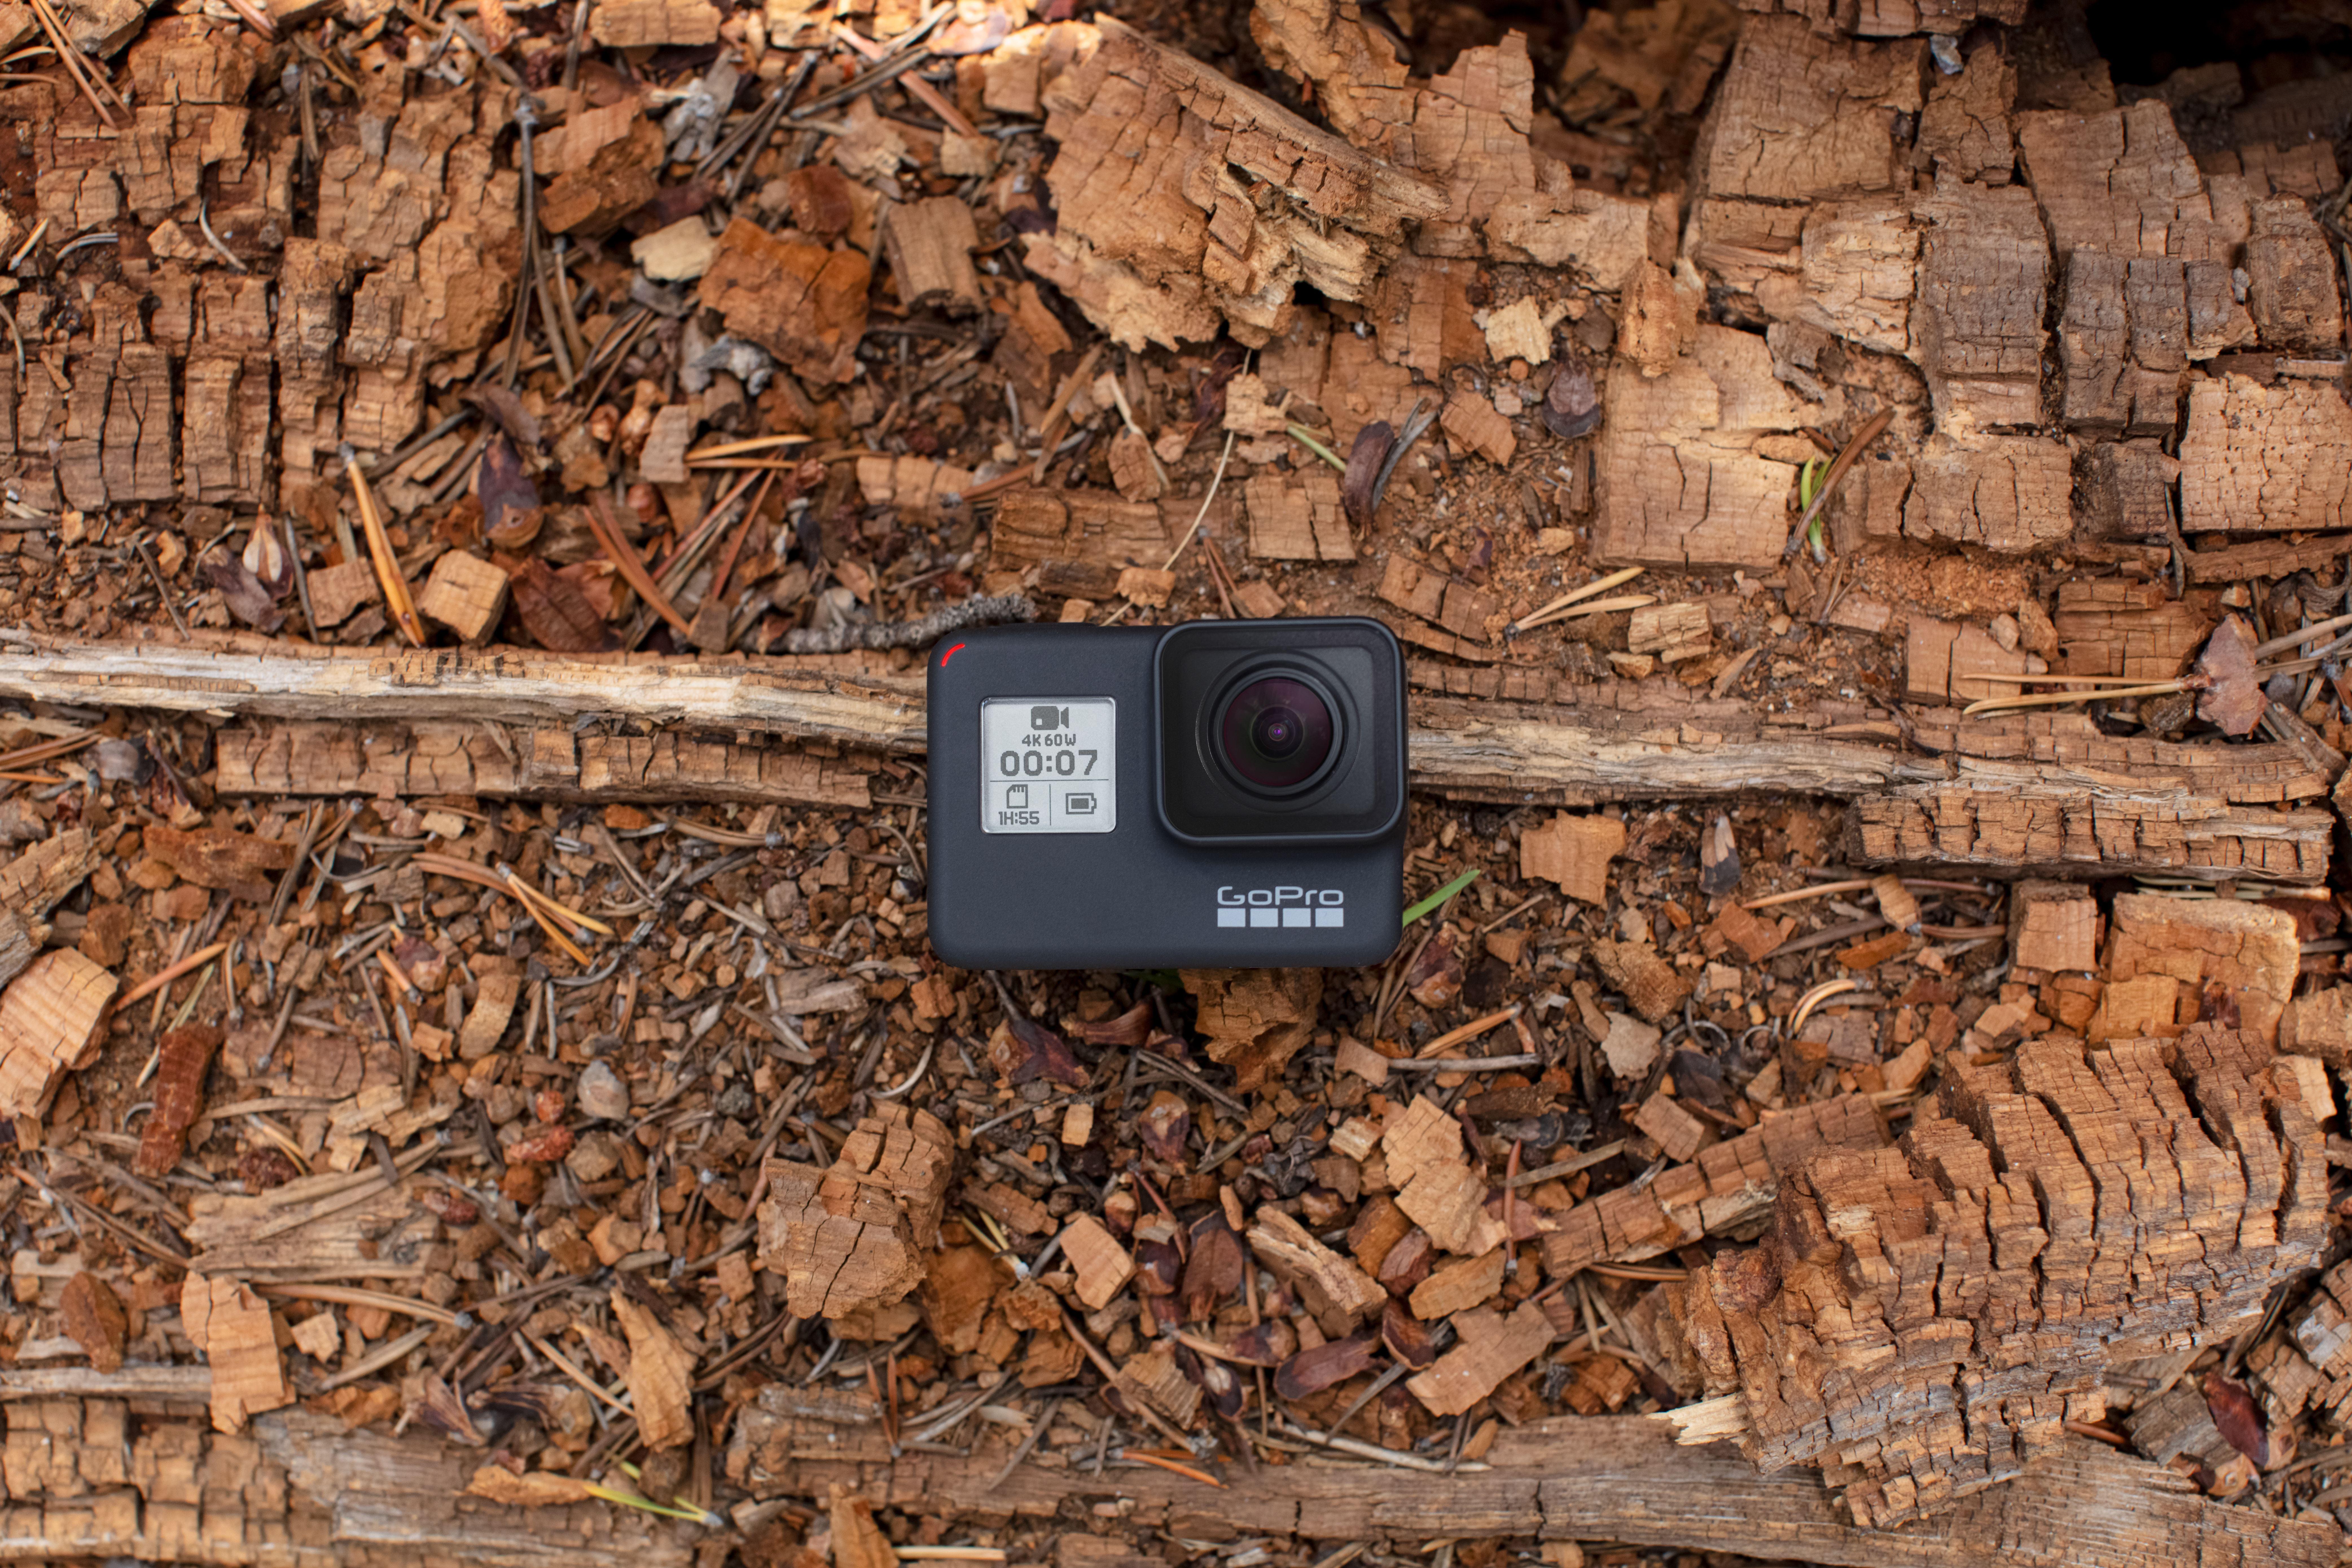 Os vídeos da GoPro HERO7 Black estão a um click de distância das tuas redes sociais